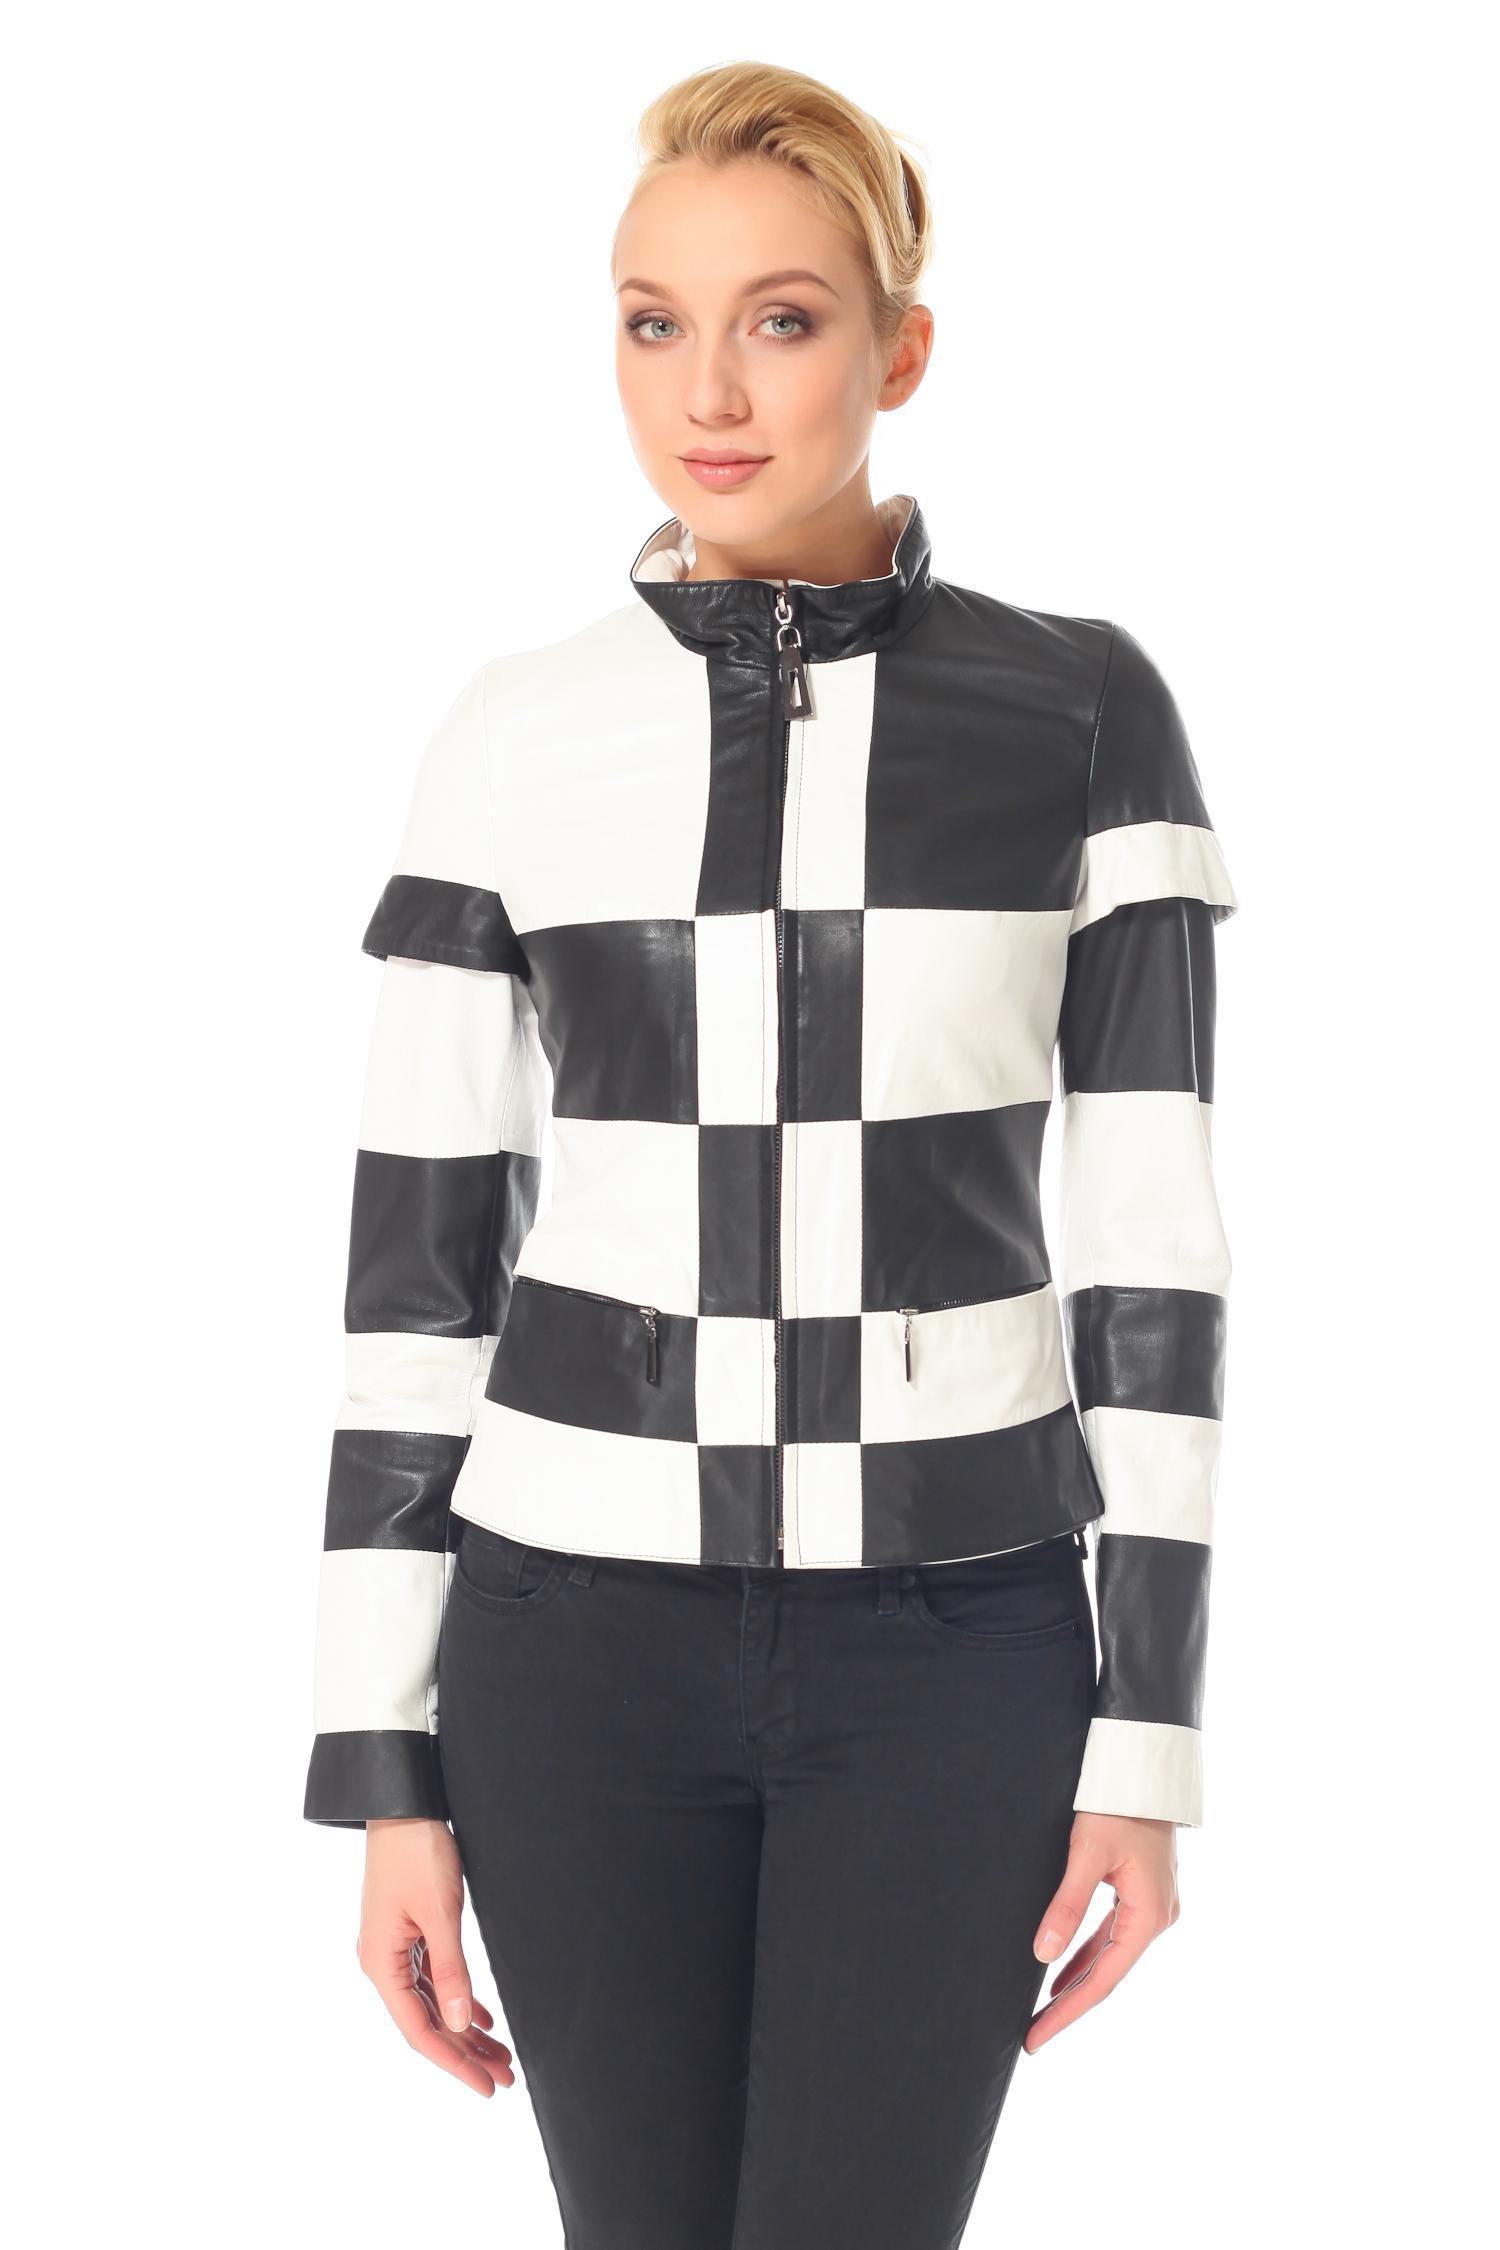 Женская кожаная куртка из натуральной кожи с воротником, без отделкиЦвет – тандем угольно-черный и кипенно-белый.Любительницам нестандартных решений эта модель непременно придется по душе. На первый взгляд классическое черно-белое сочетание, но сколько экспрессии и экстравагантности в этой спортивной куртке, ее высоко оценят не только приверженцы здорового образа жизни, но и обычные женщины. Она удобна и практична, не стесняет движений, незаменима на прогулках и отдыхе. Не стоит отказываться от подобного смелого и веселого эксперимента – ассиметричный шахматный декор, оригинальное решение кроя рукава, потайные прорезные карманы, минимальная длина, - все это делает модель динамичной и полной свободы. Это выбор для смелых, решительных натур.<br><br>Воротник: Стойка<br>Длина см: 55<br>Материал: Натуральная кожа<br>Цвет: Белый/черный<br>Пол: Женский